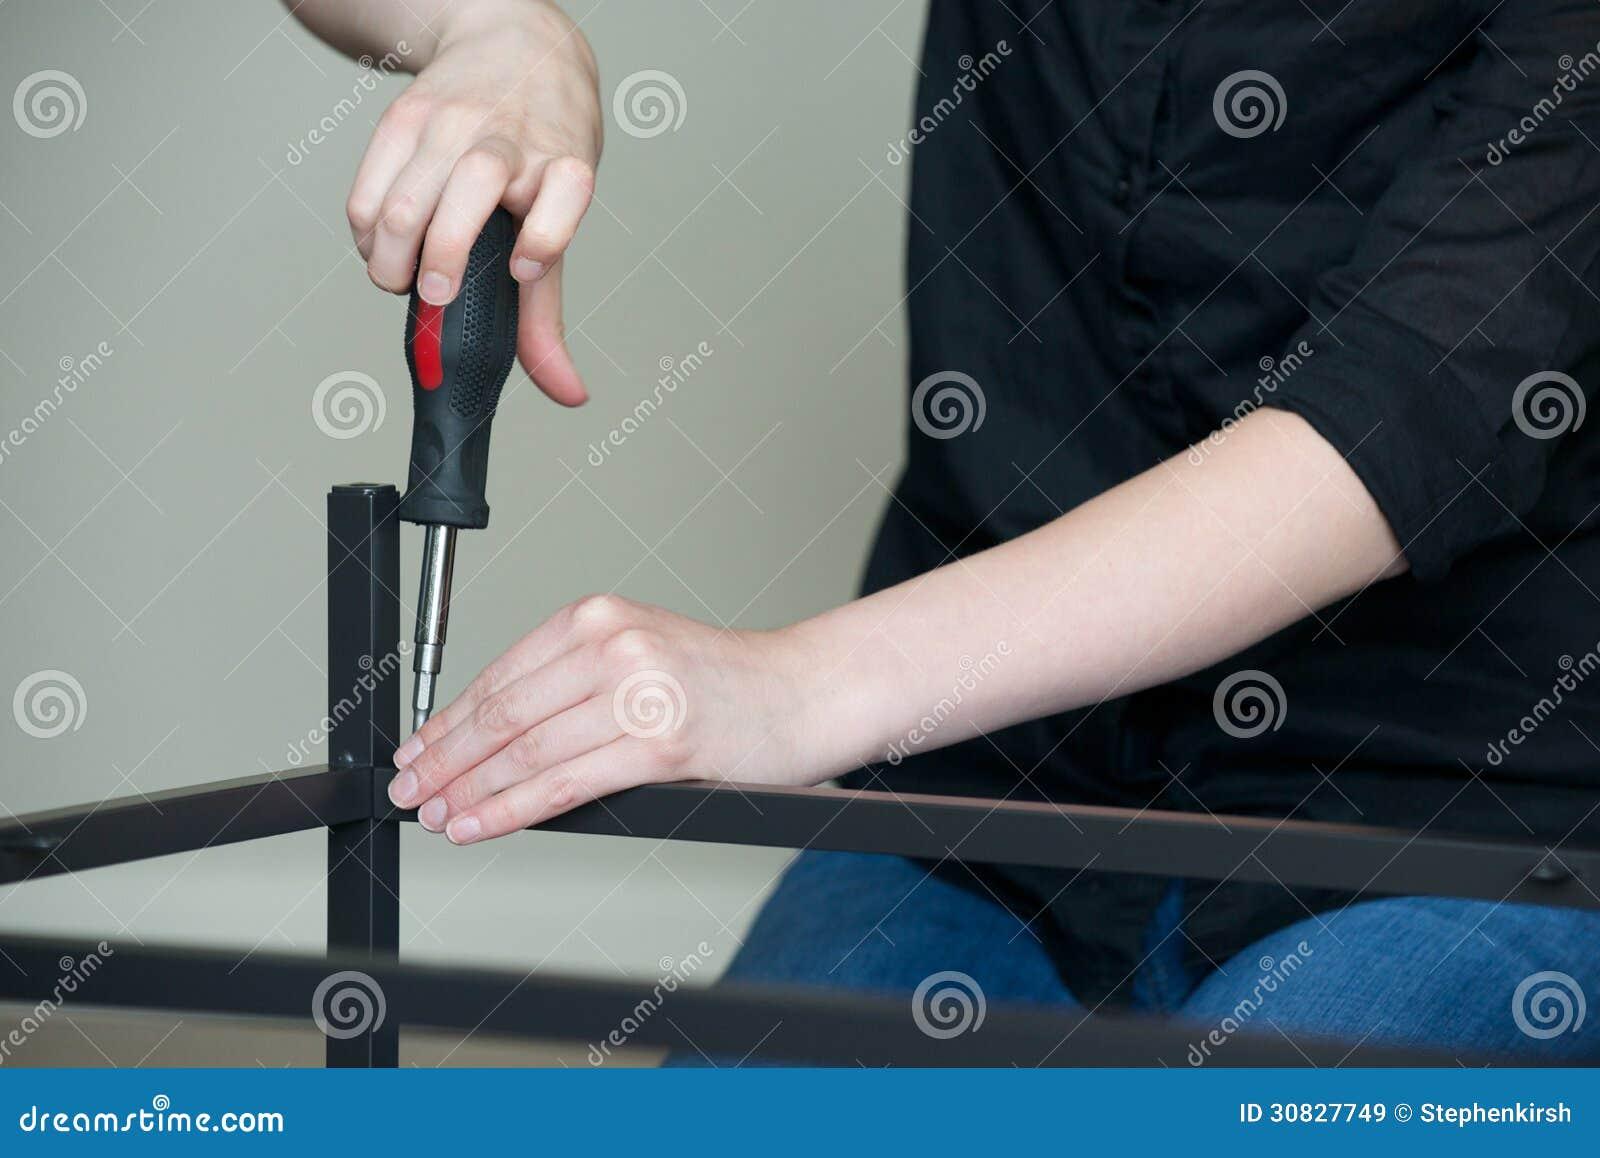 Orizzontale delle mani che avvitano insieme mobili metallici, sinistra ad angolo